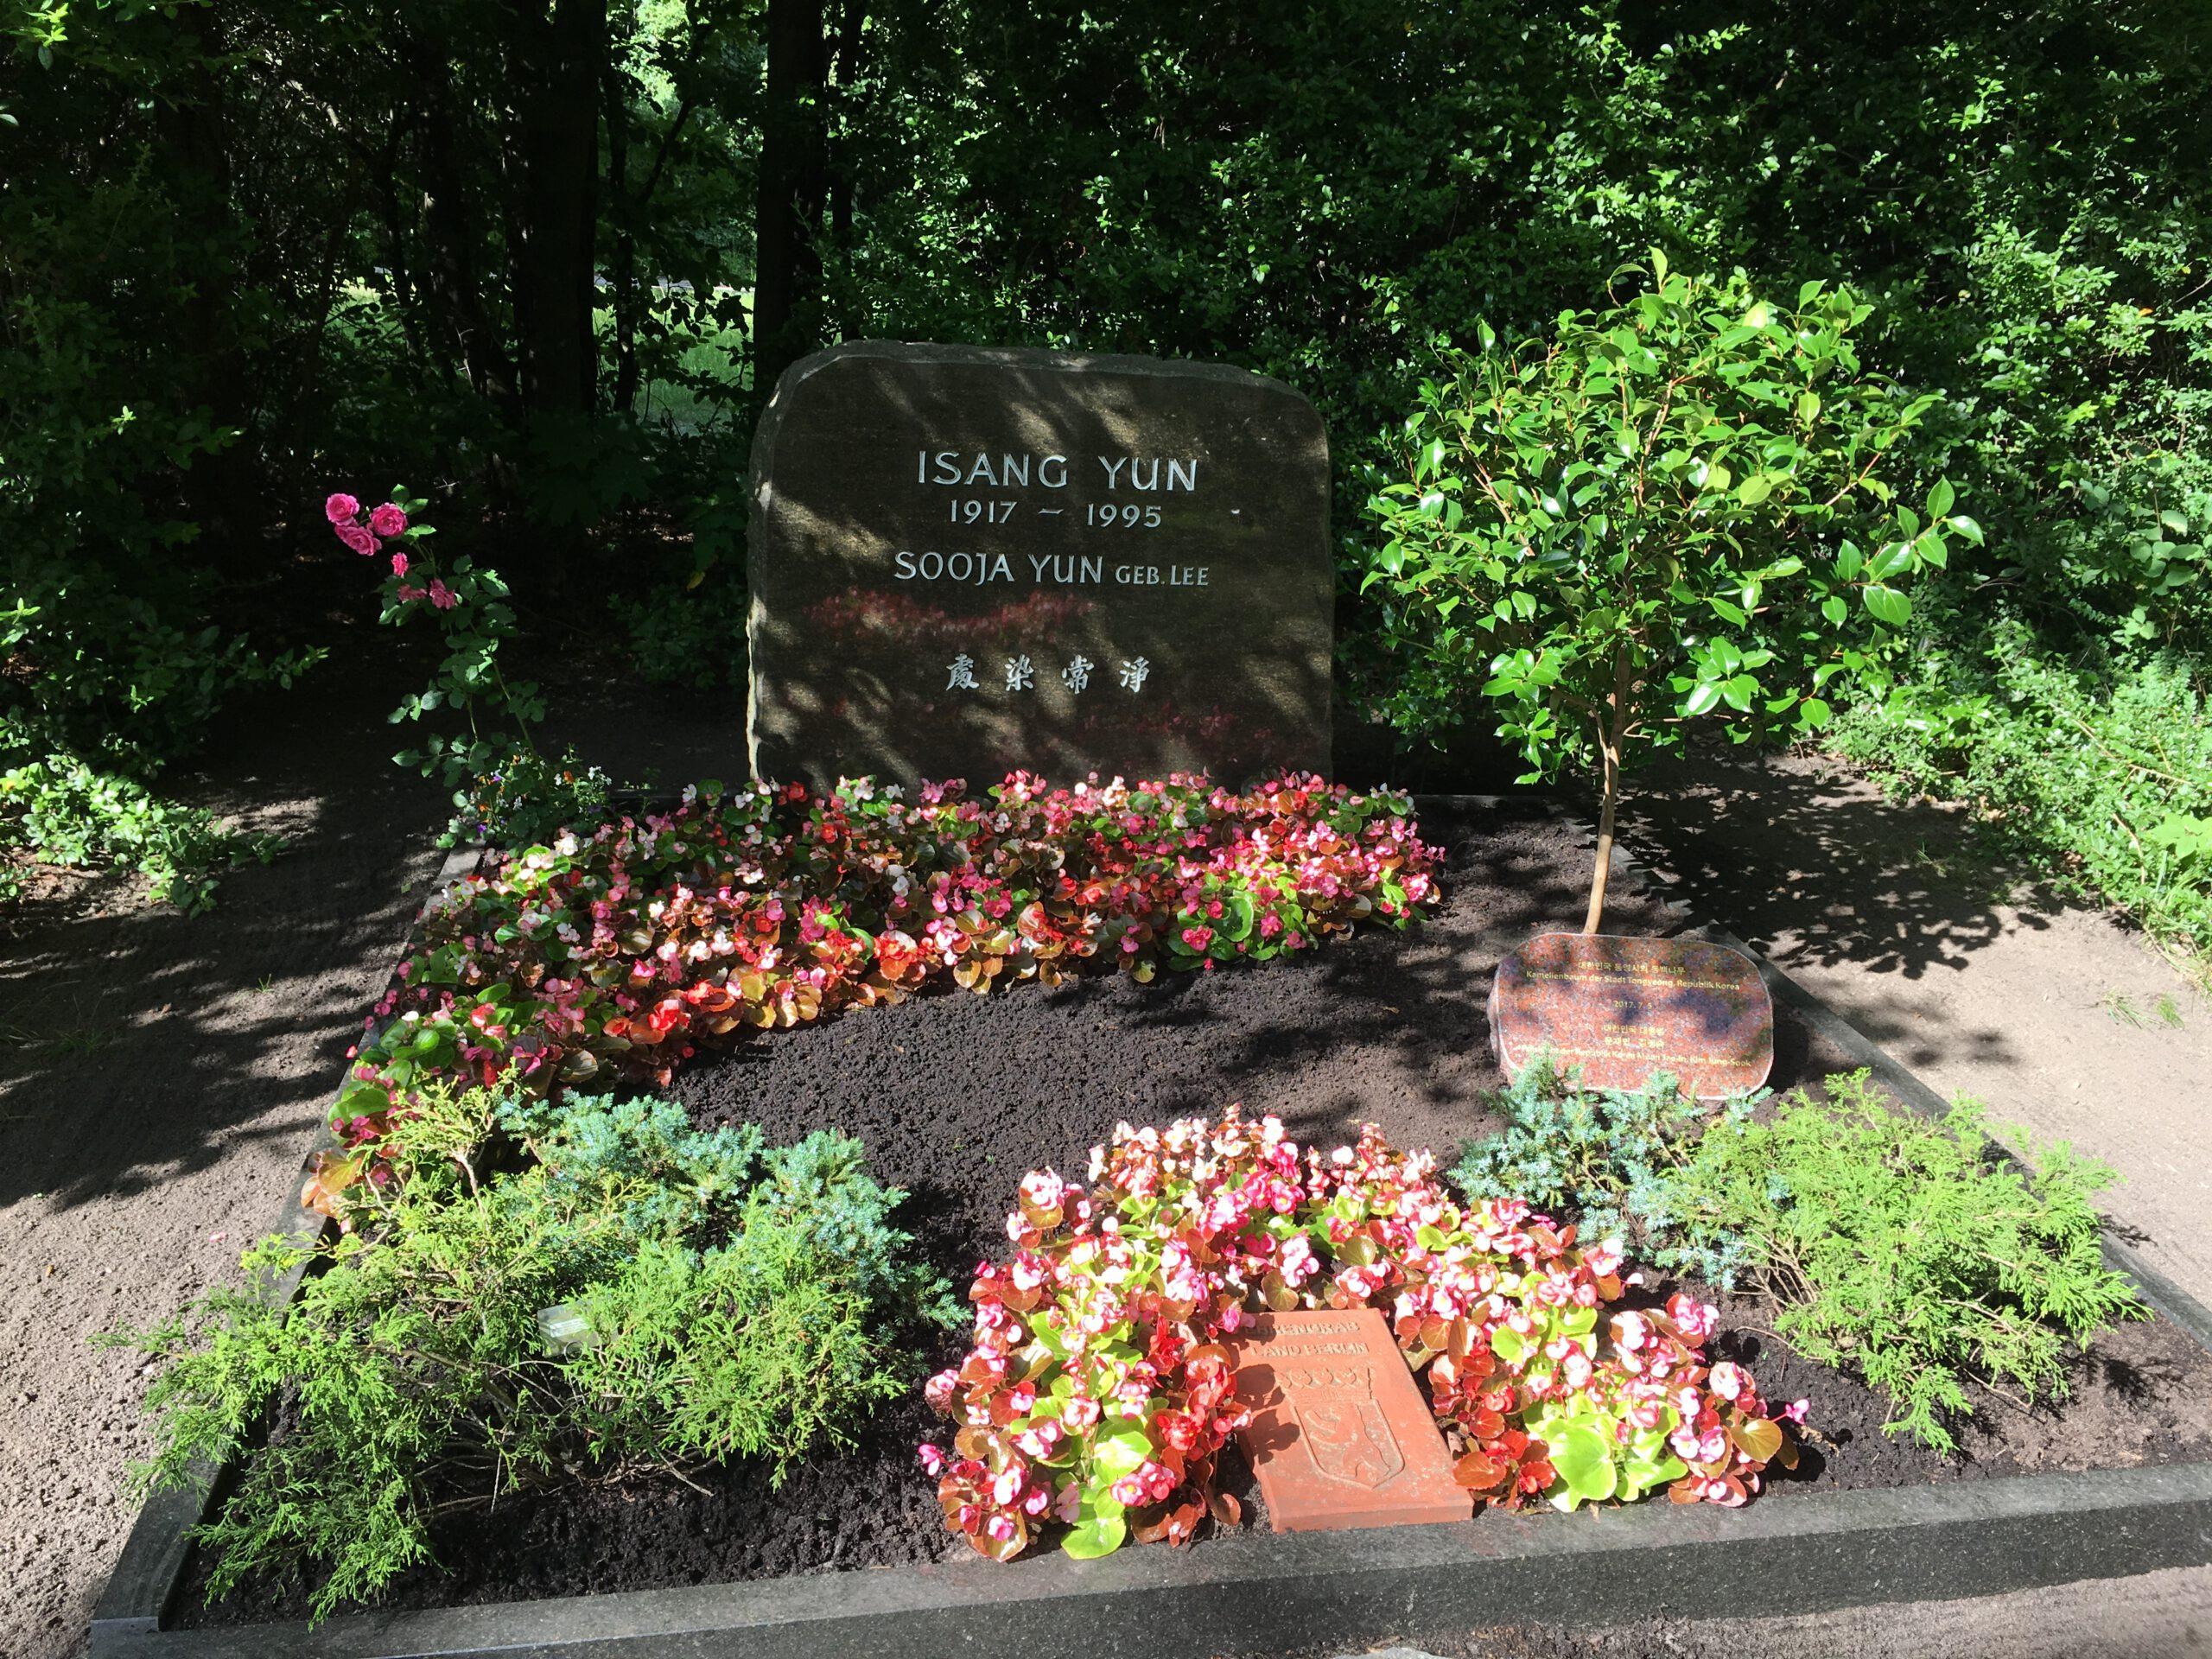 Isang Yun Gravesite